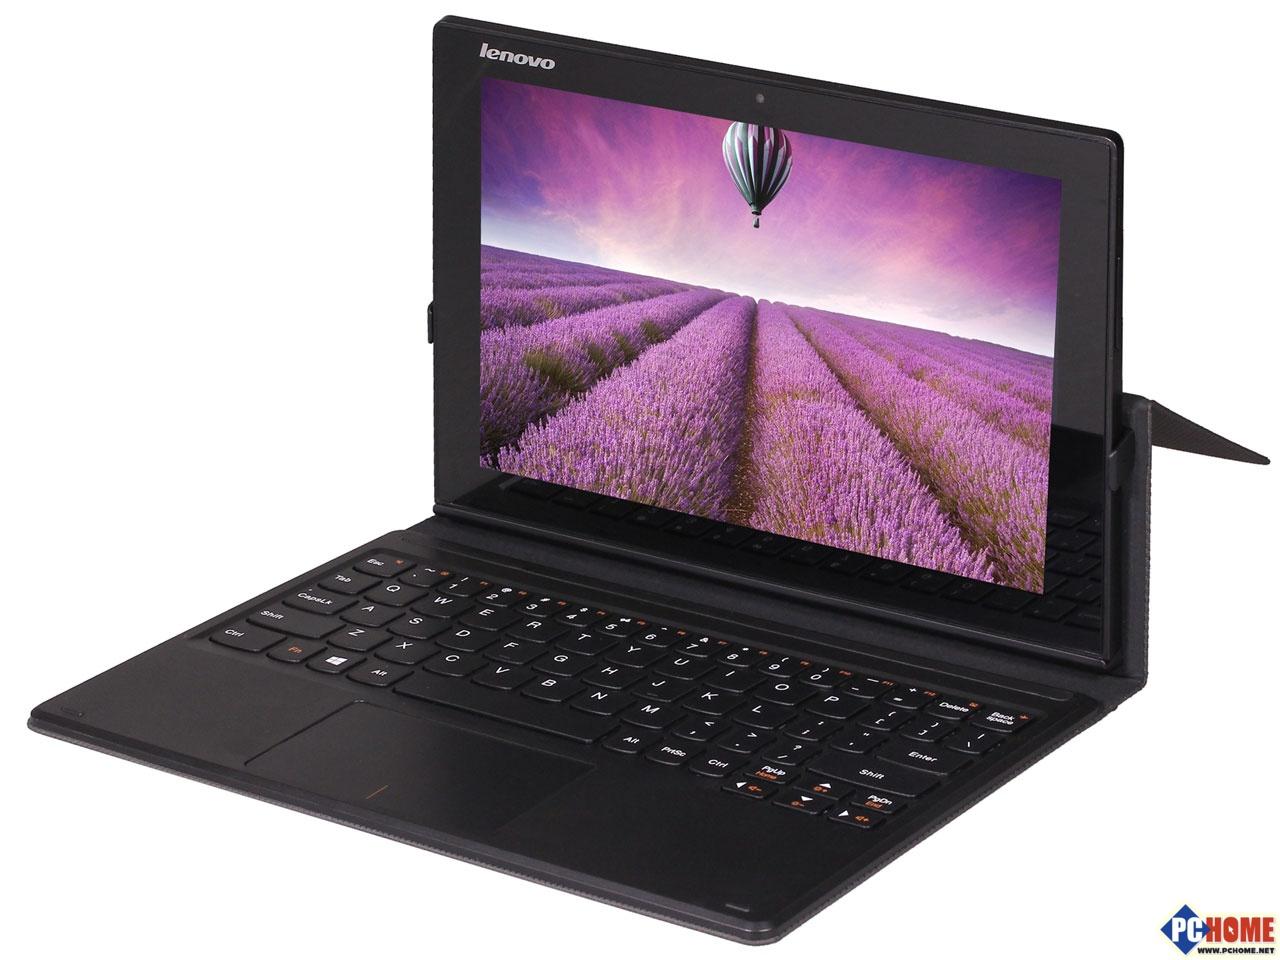 Lenovo miix 3 1030 - 51c